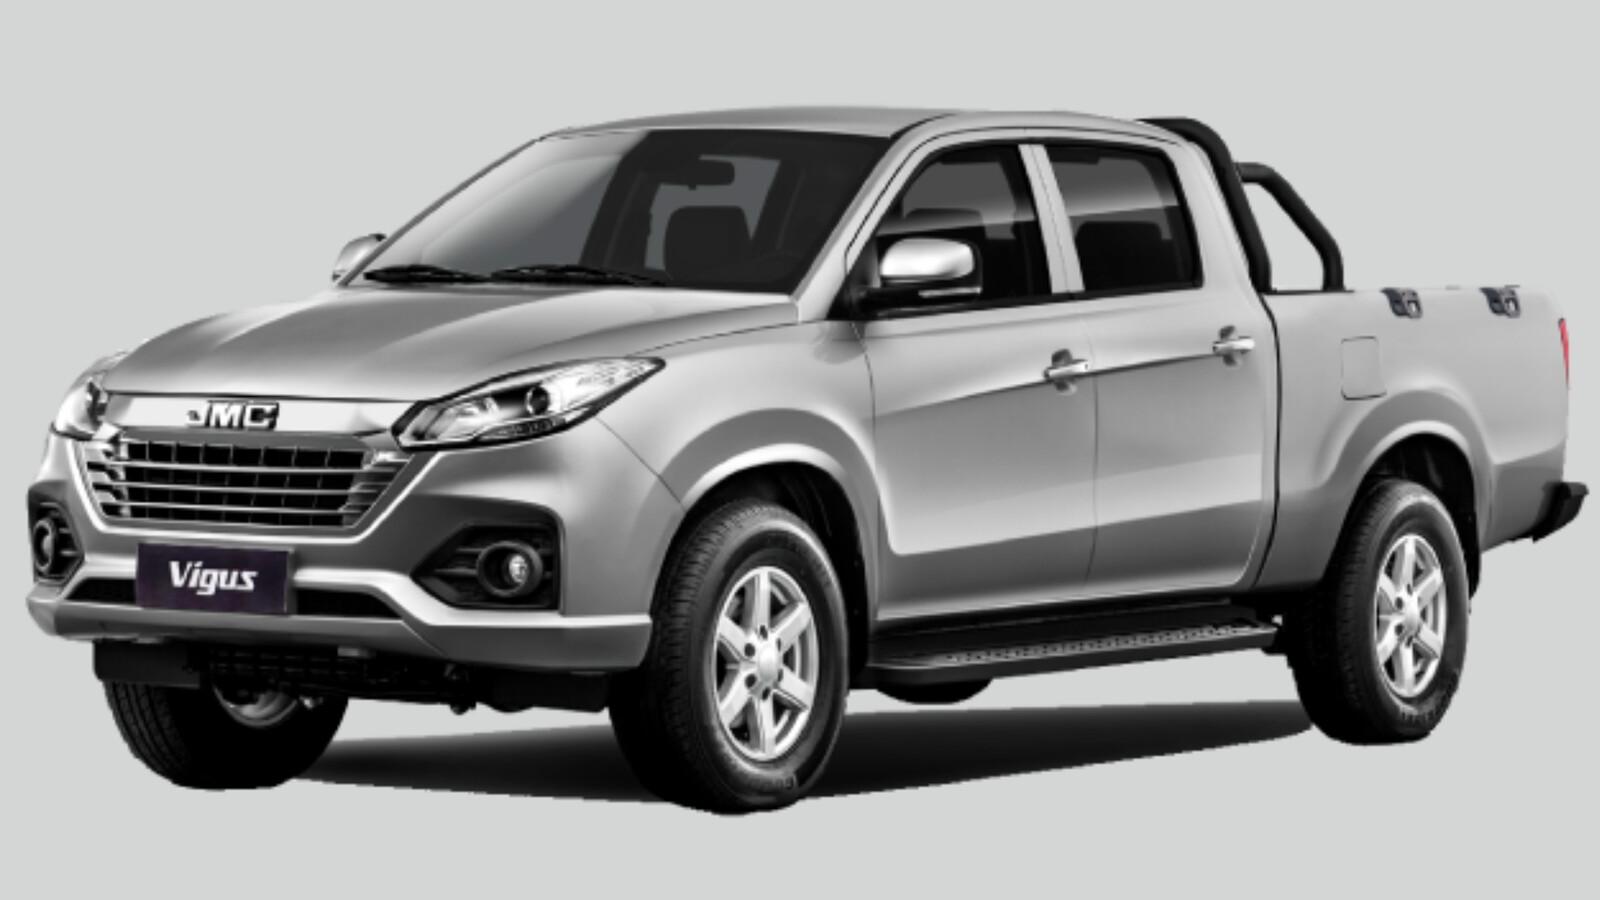 JMC Vigus 2022 llega a México, nueva cara para la rival china de Nissan NP300